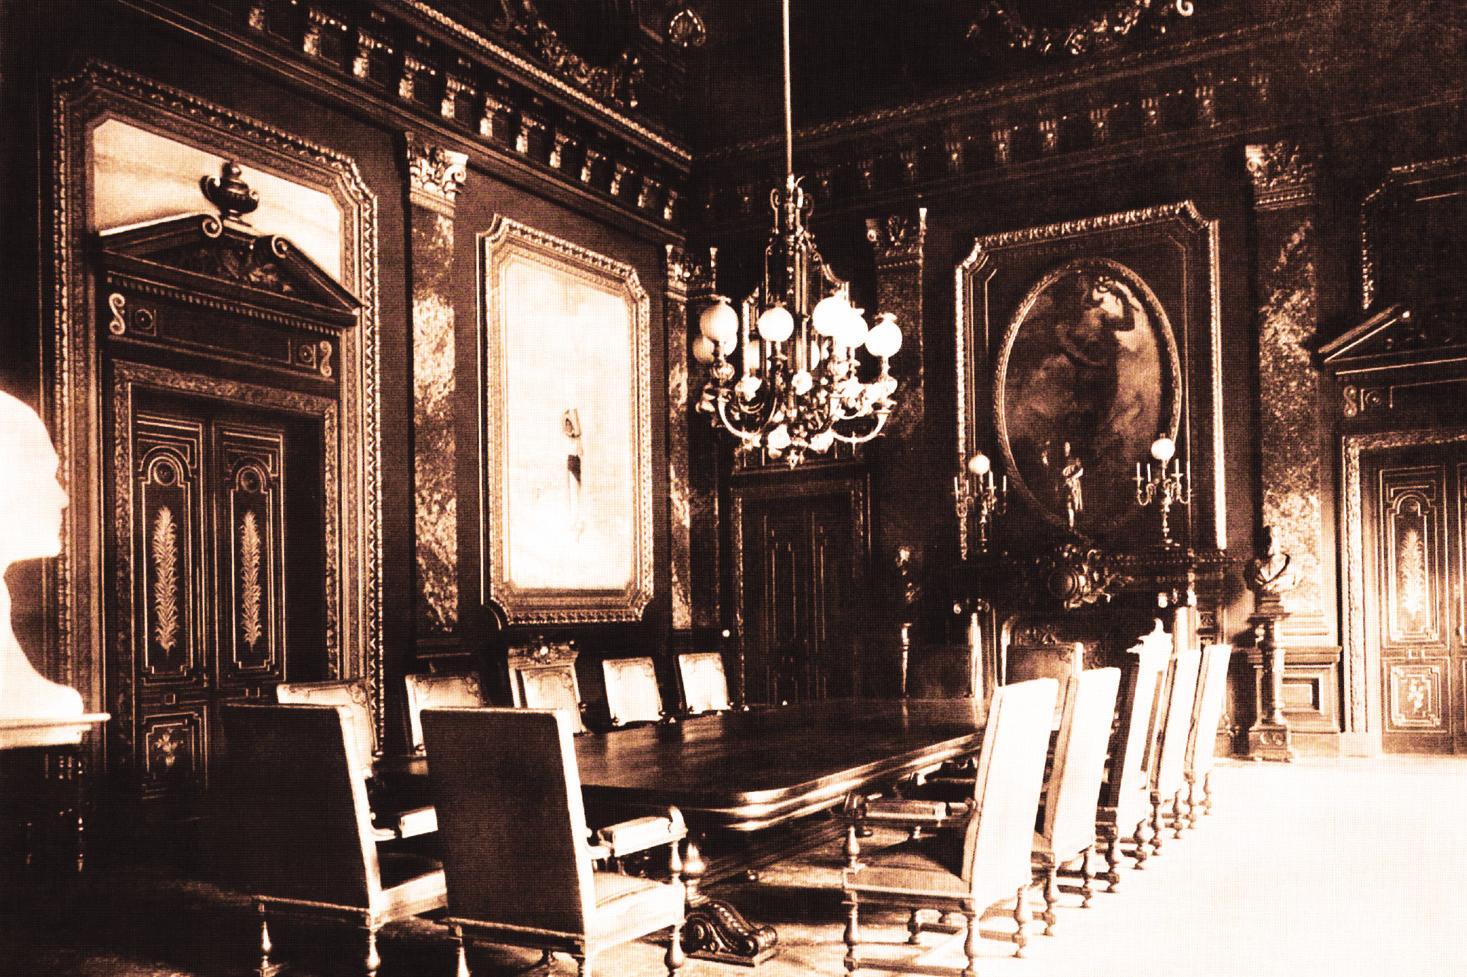 Palatul vechi-sala consiliului de administratie